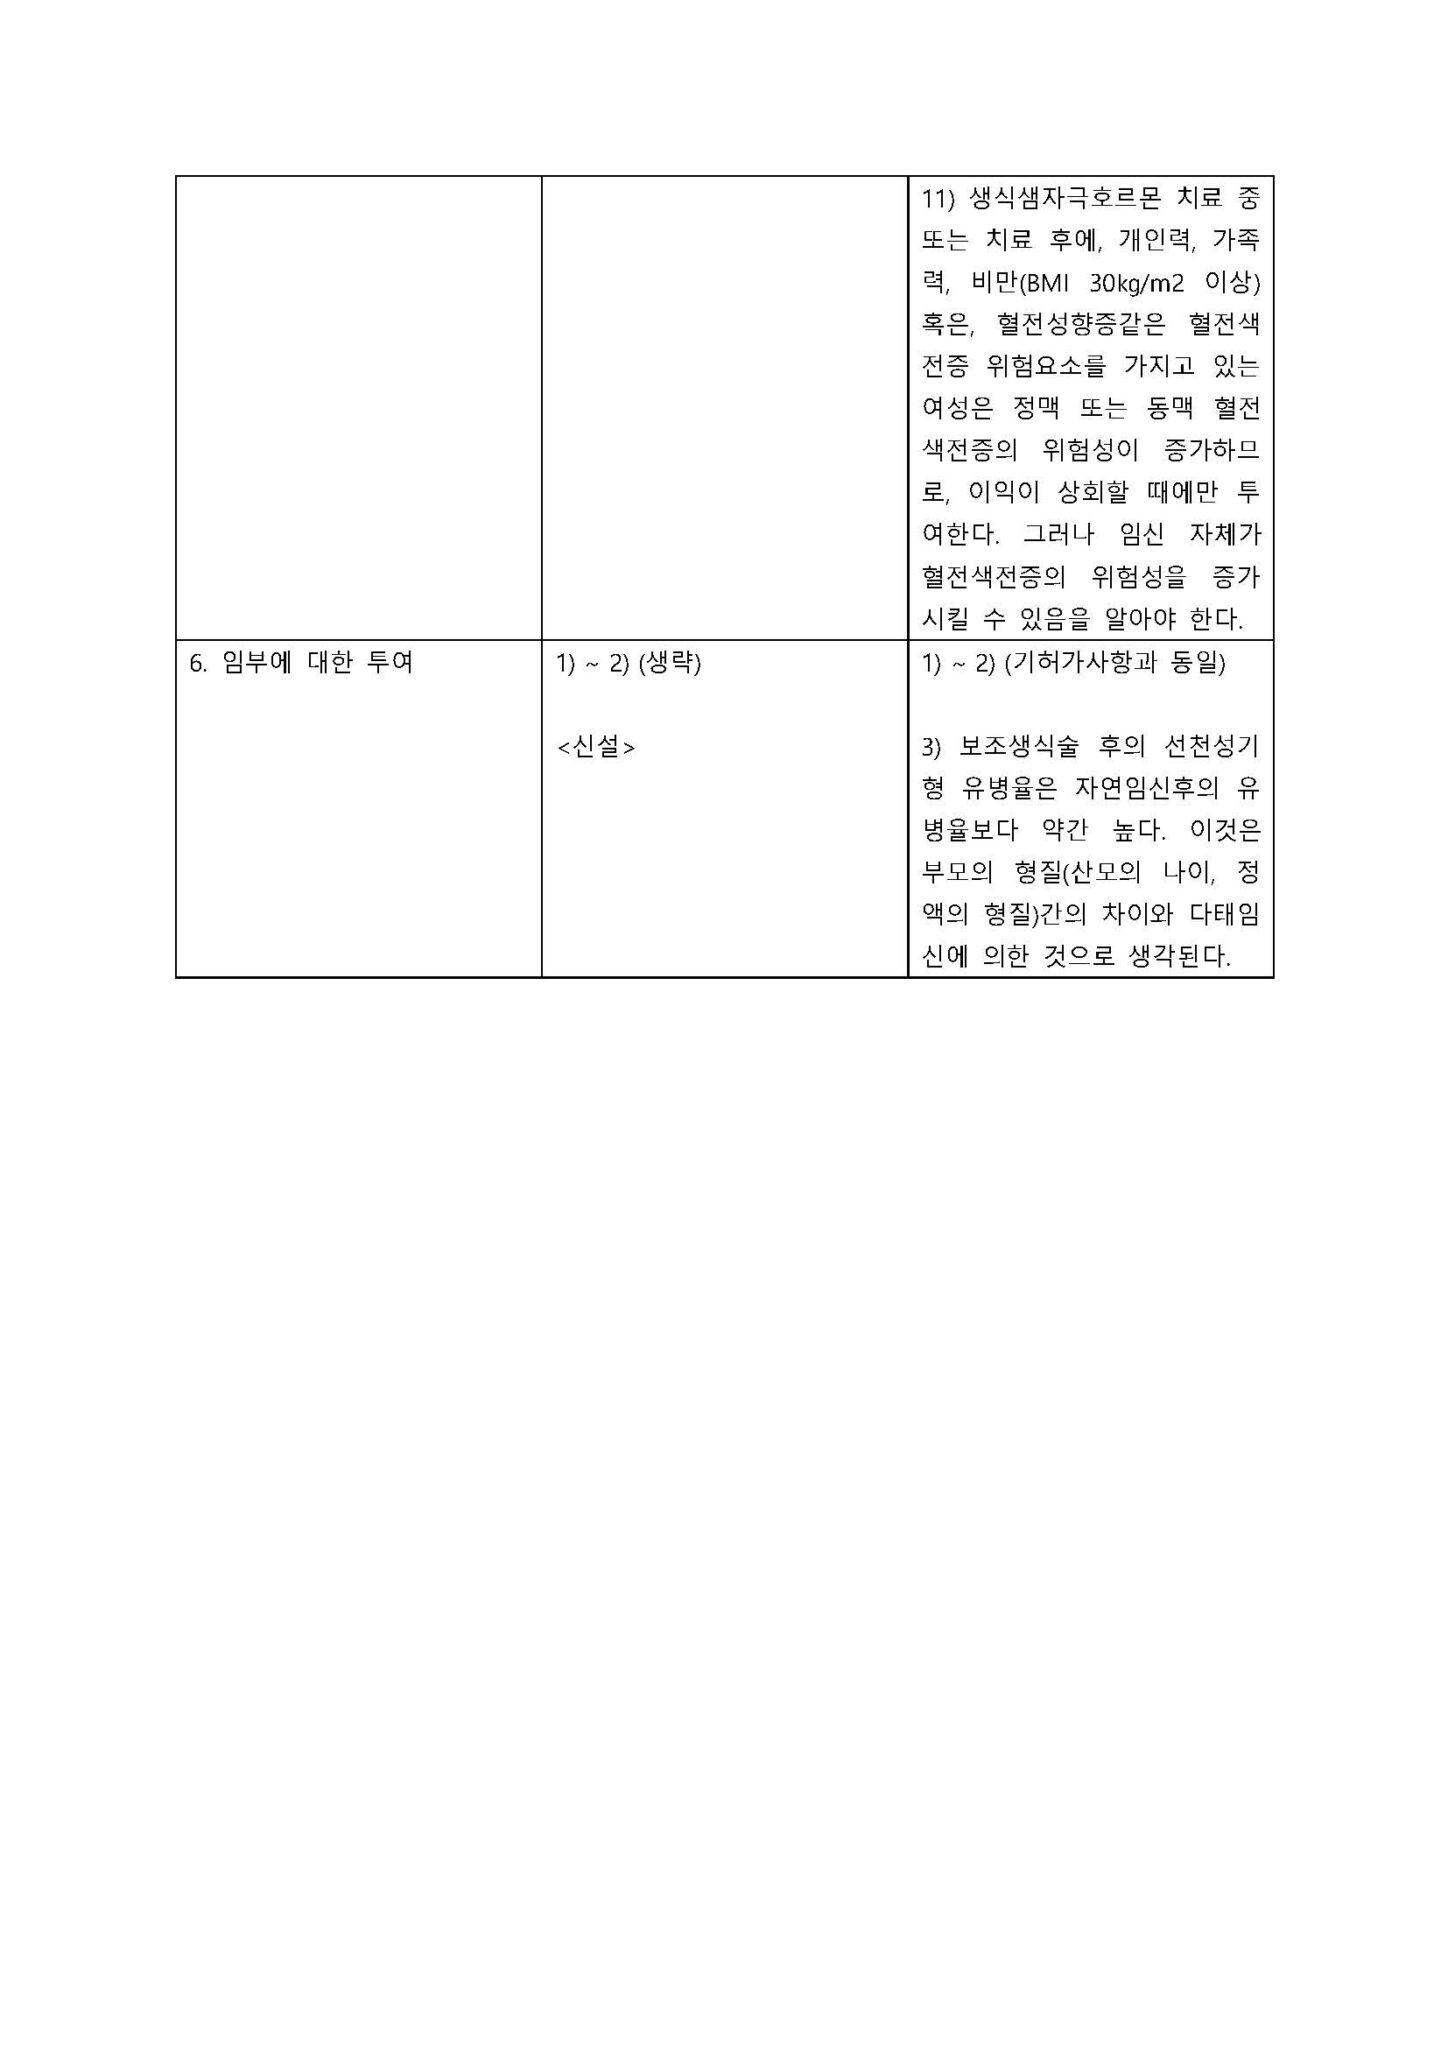 메노푸어멀티도즈1200IU 변경일 2014.05.30